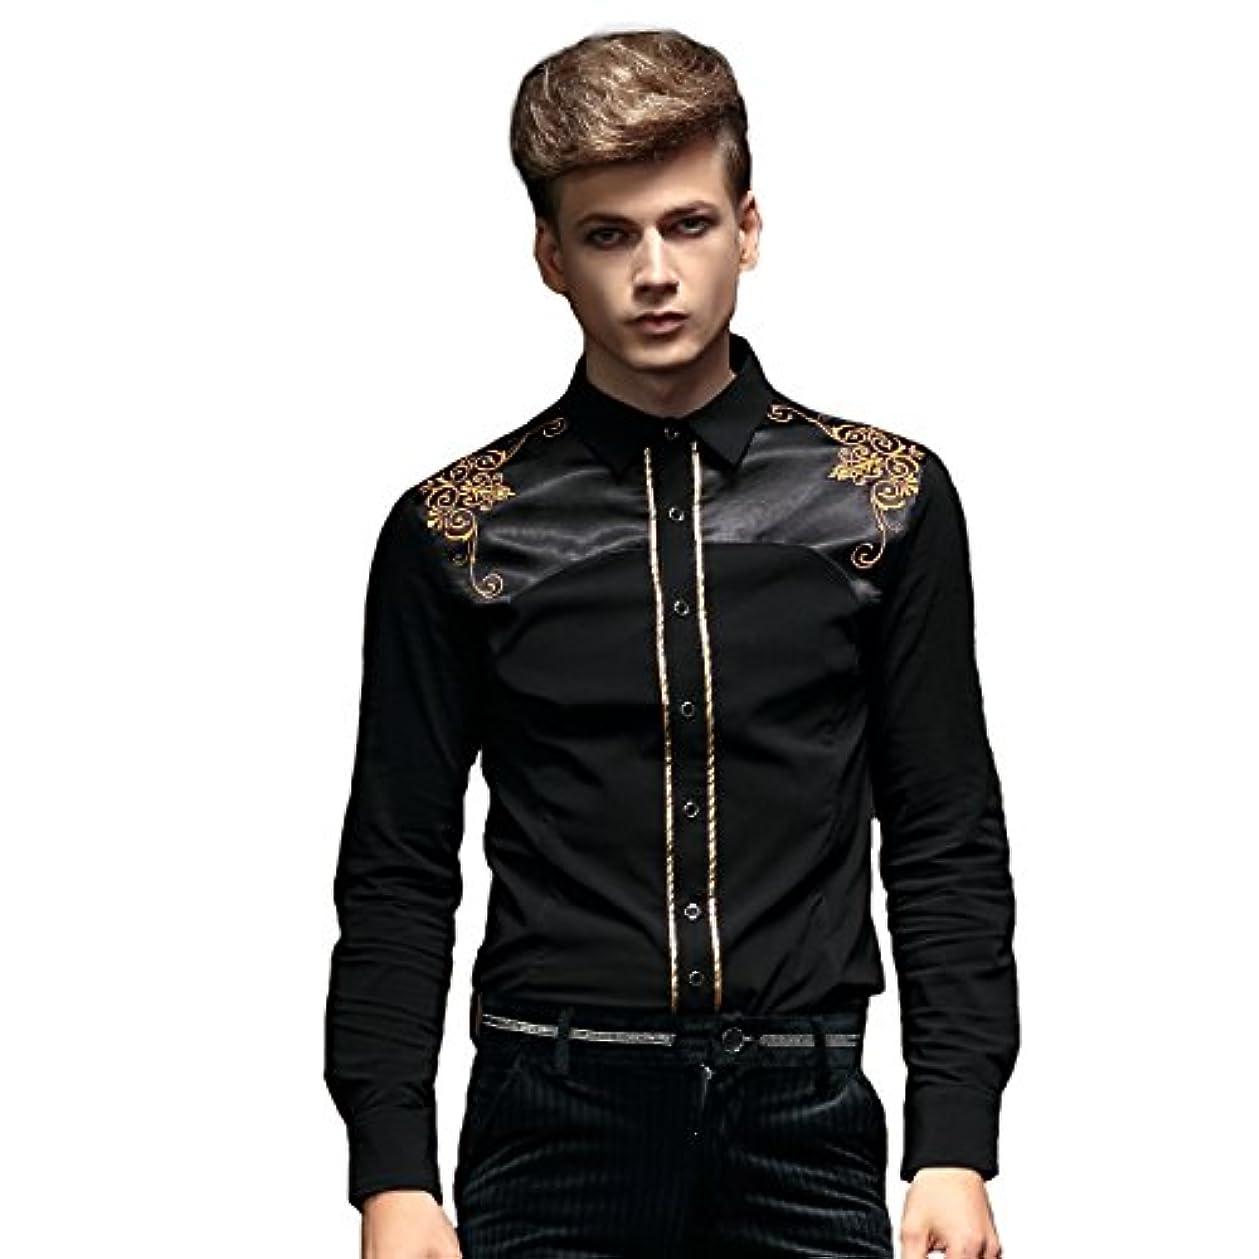 家具悪性の数字FANZHUAN メンズ シャツ 長袖 黒 スリム おしゃれ 品質 刺繍